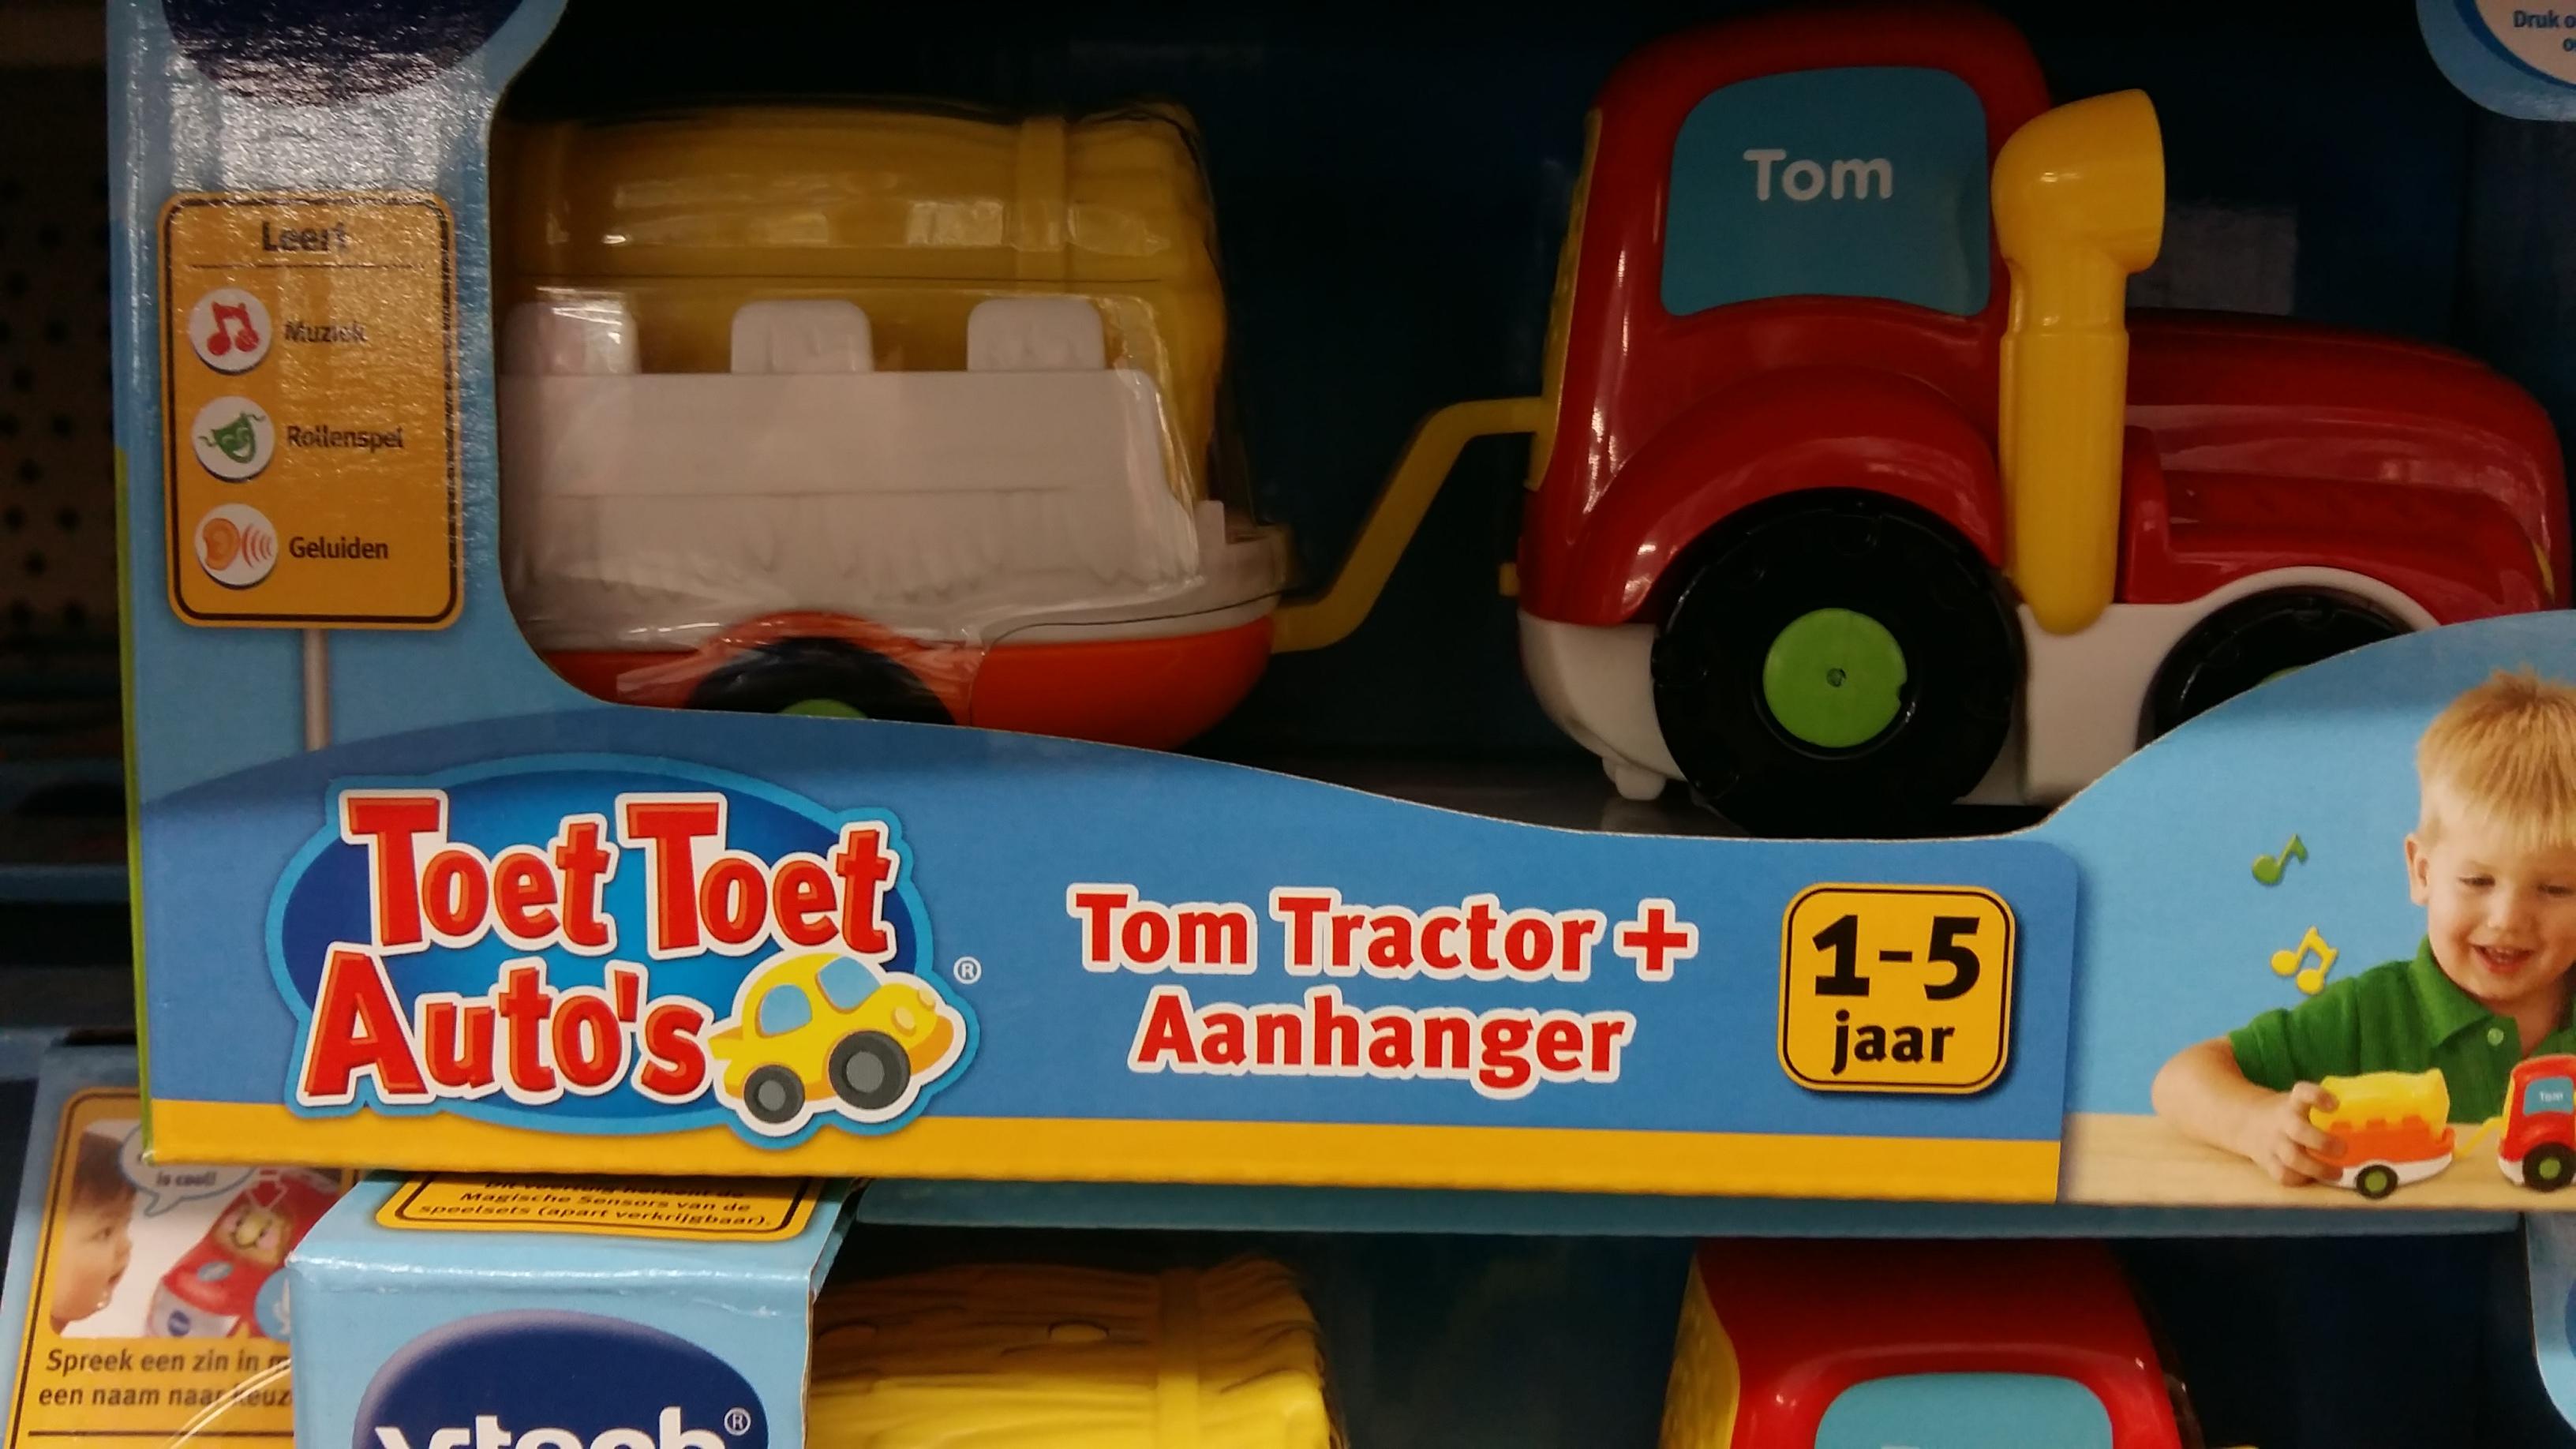 D'r Tom is jód óp wèg